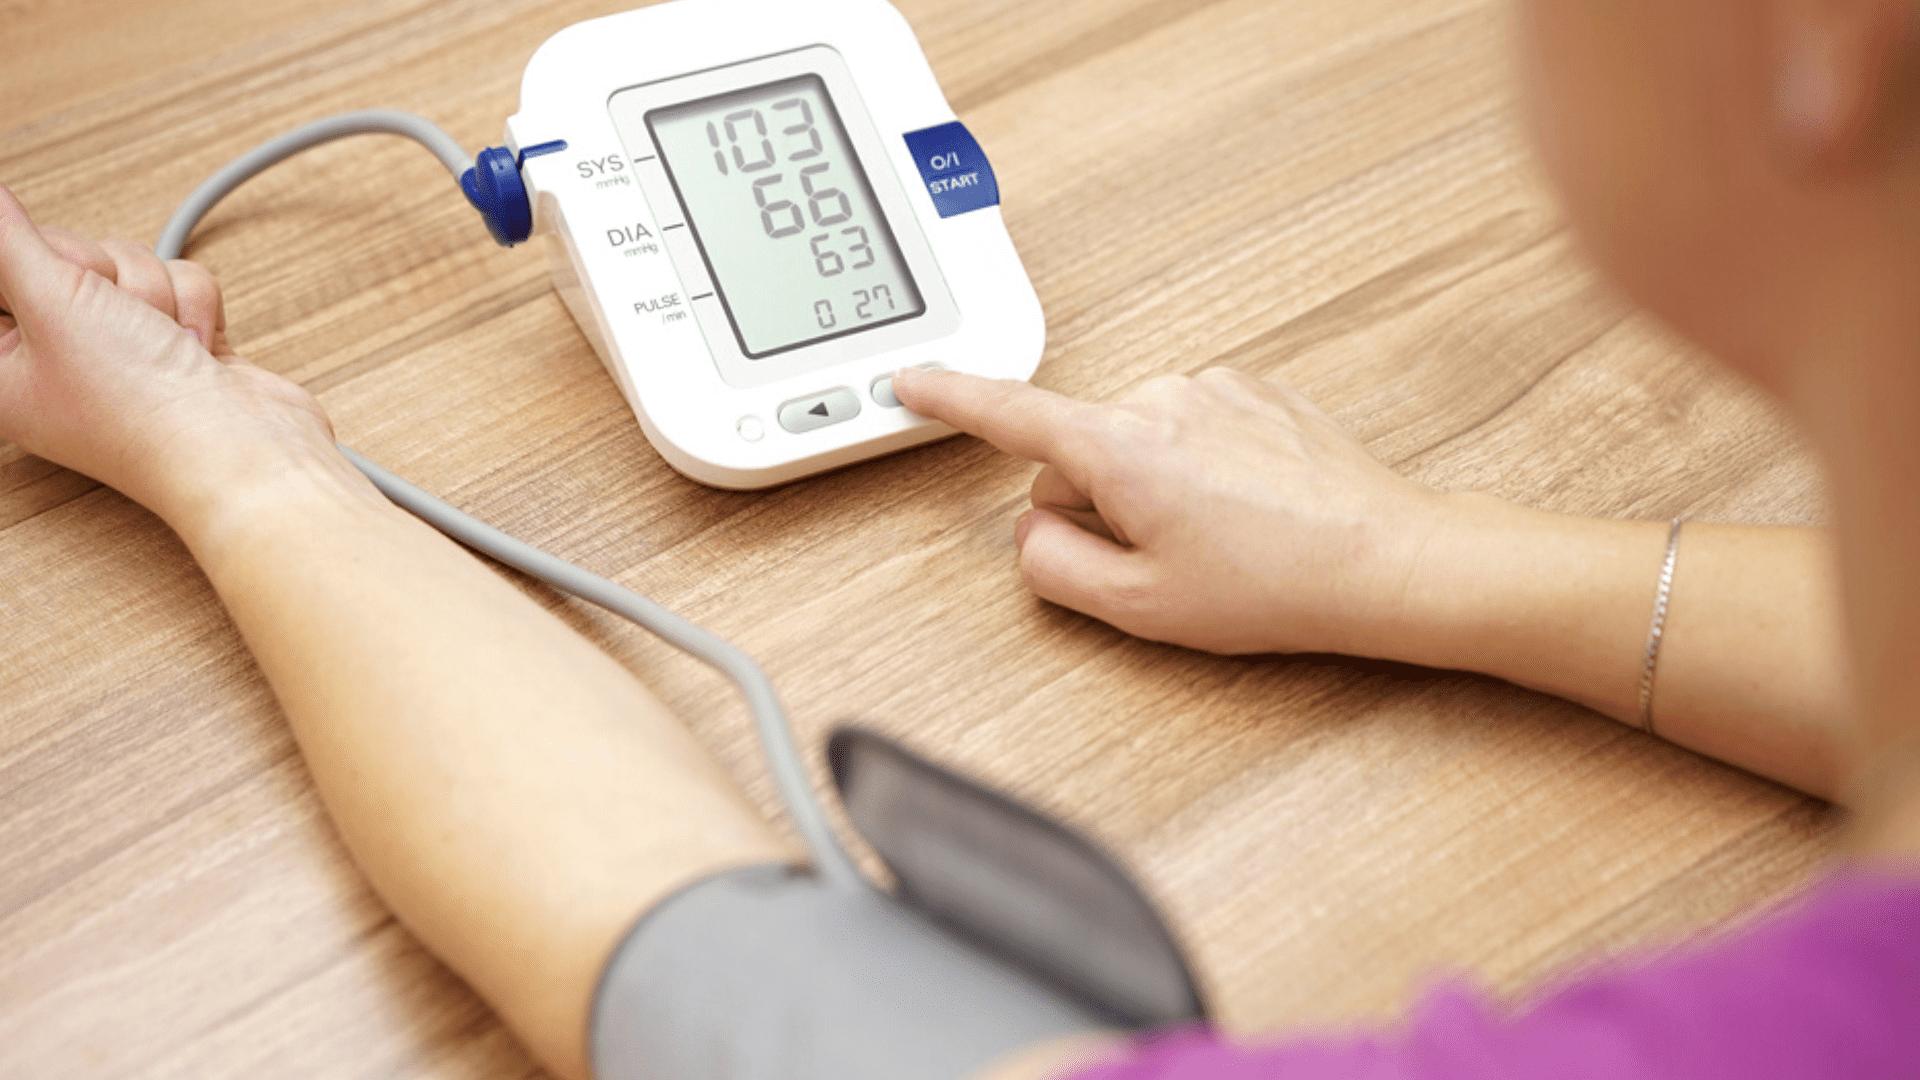 Veja a nossa seleção dos melhores medidores de pressão de 2021! (Imagem: Reprodução/Shutterstock)